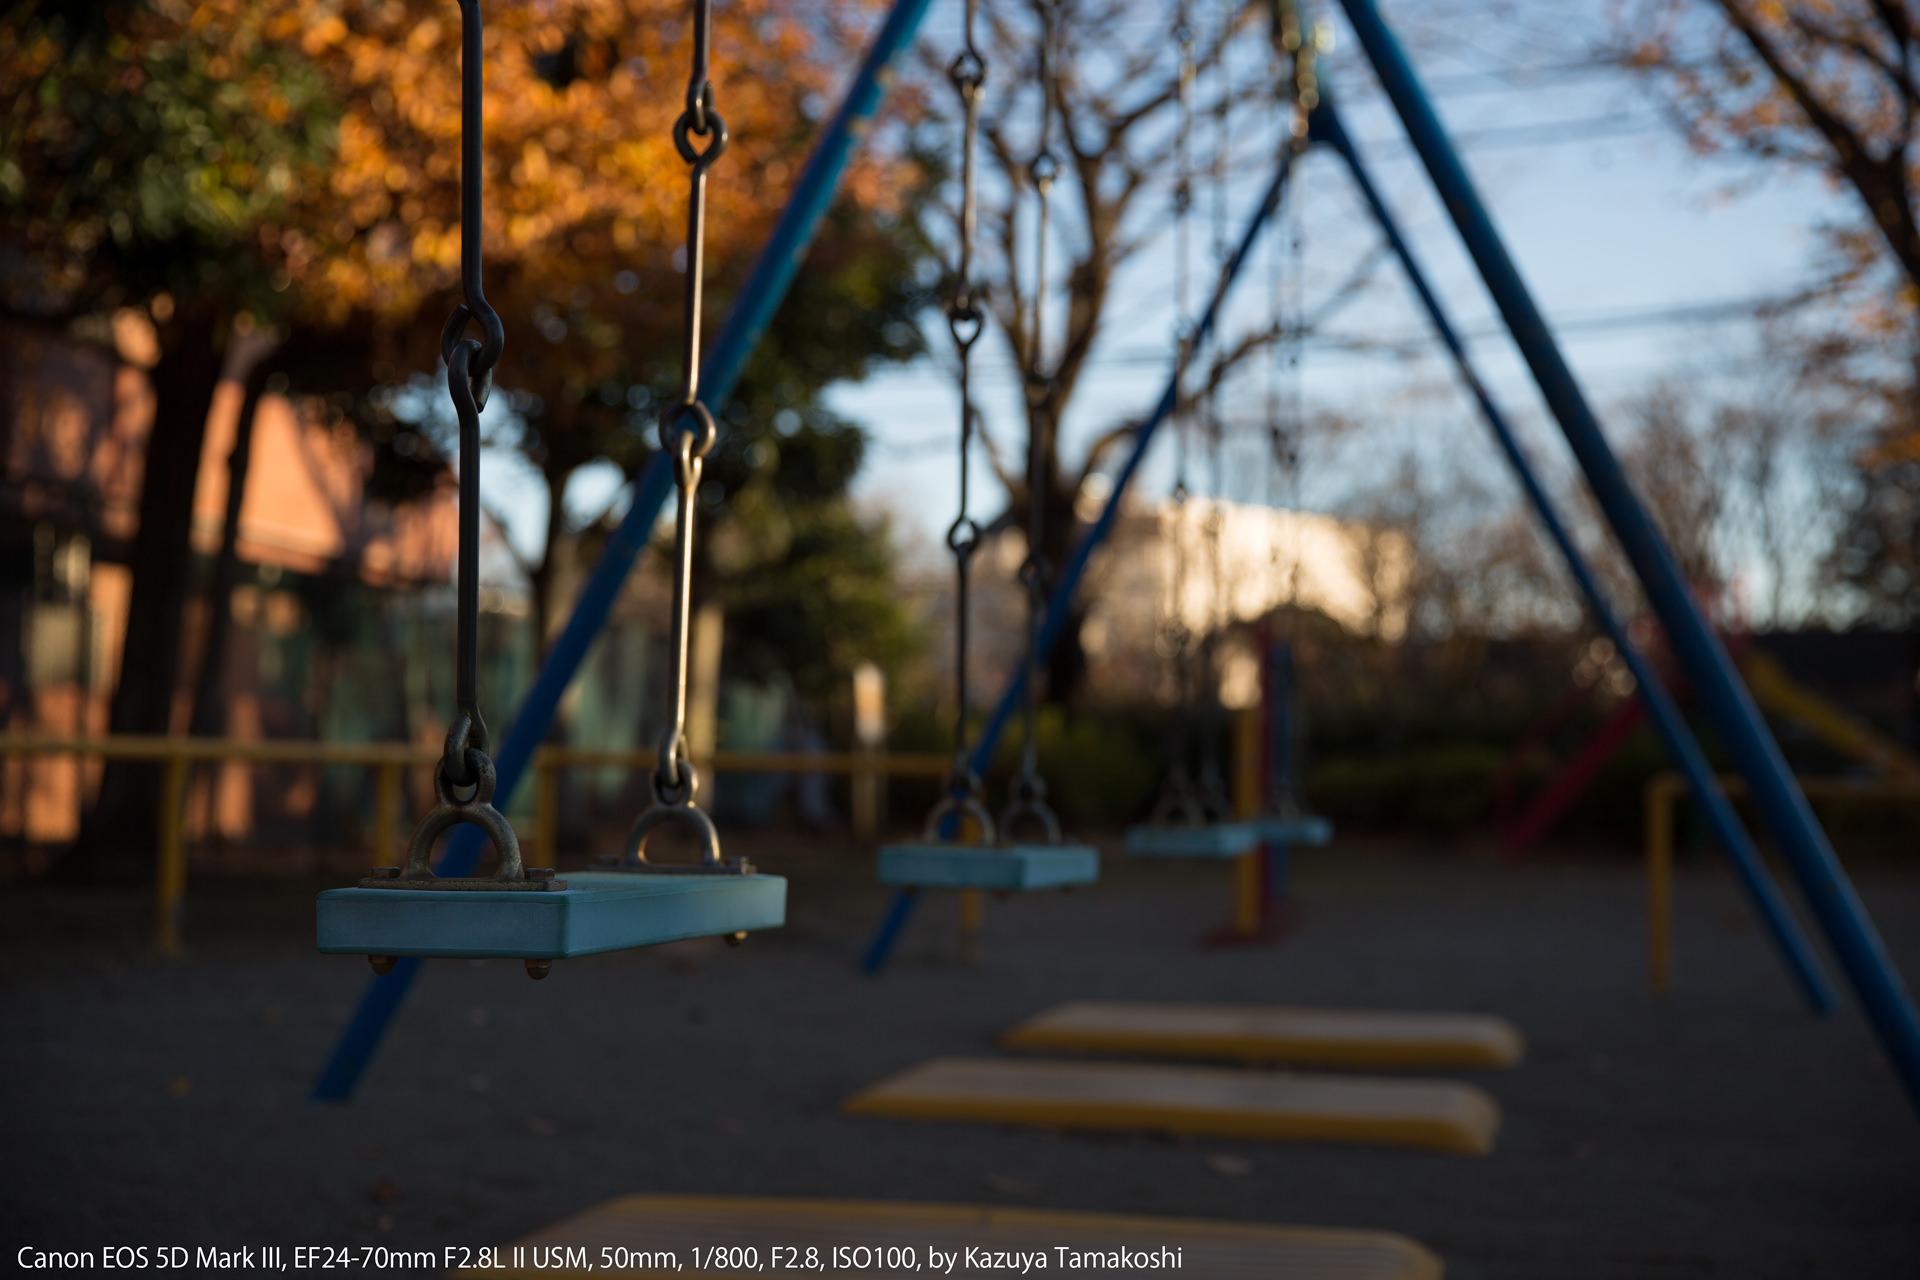 公園のブランコ(露出補正マイナス1段)